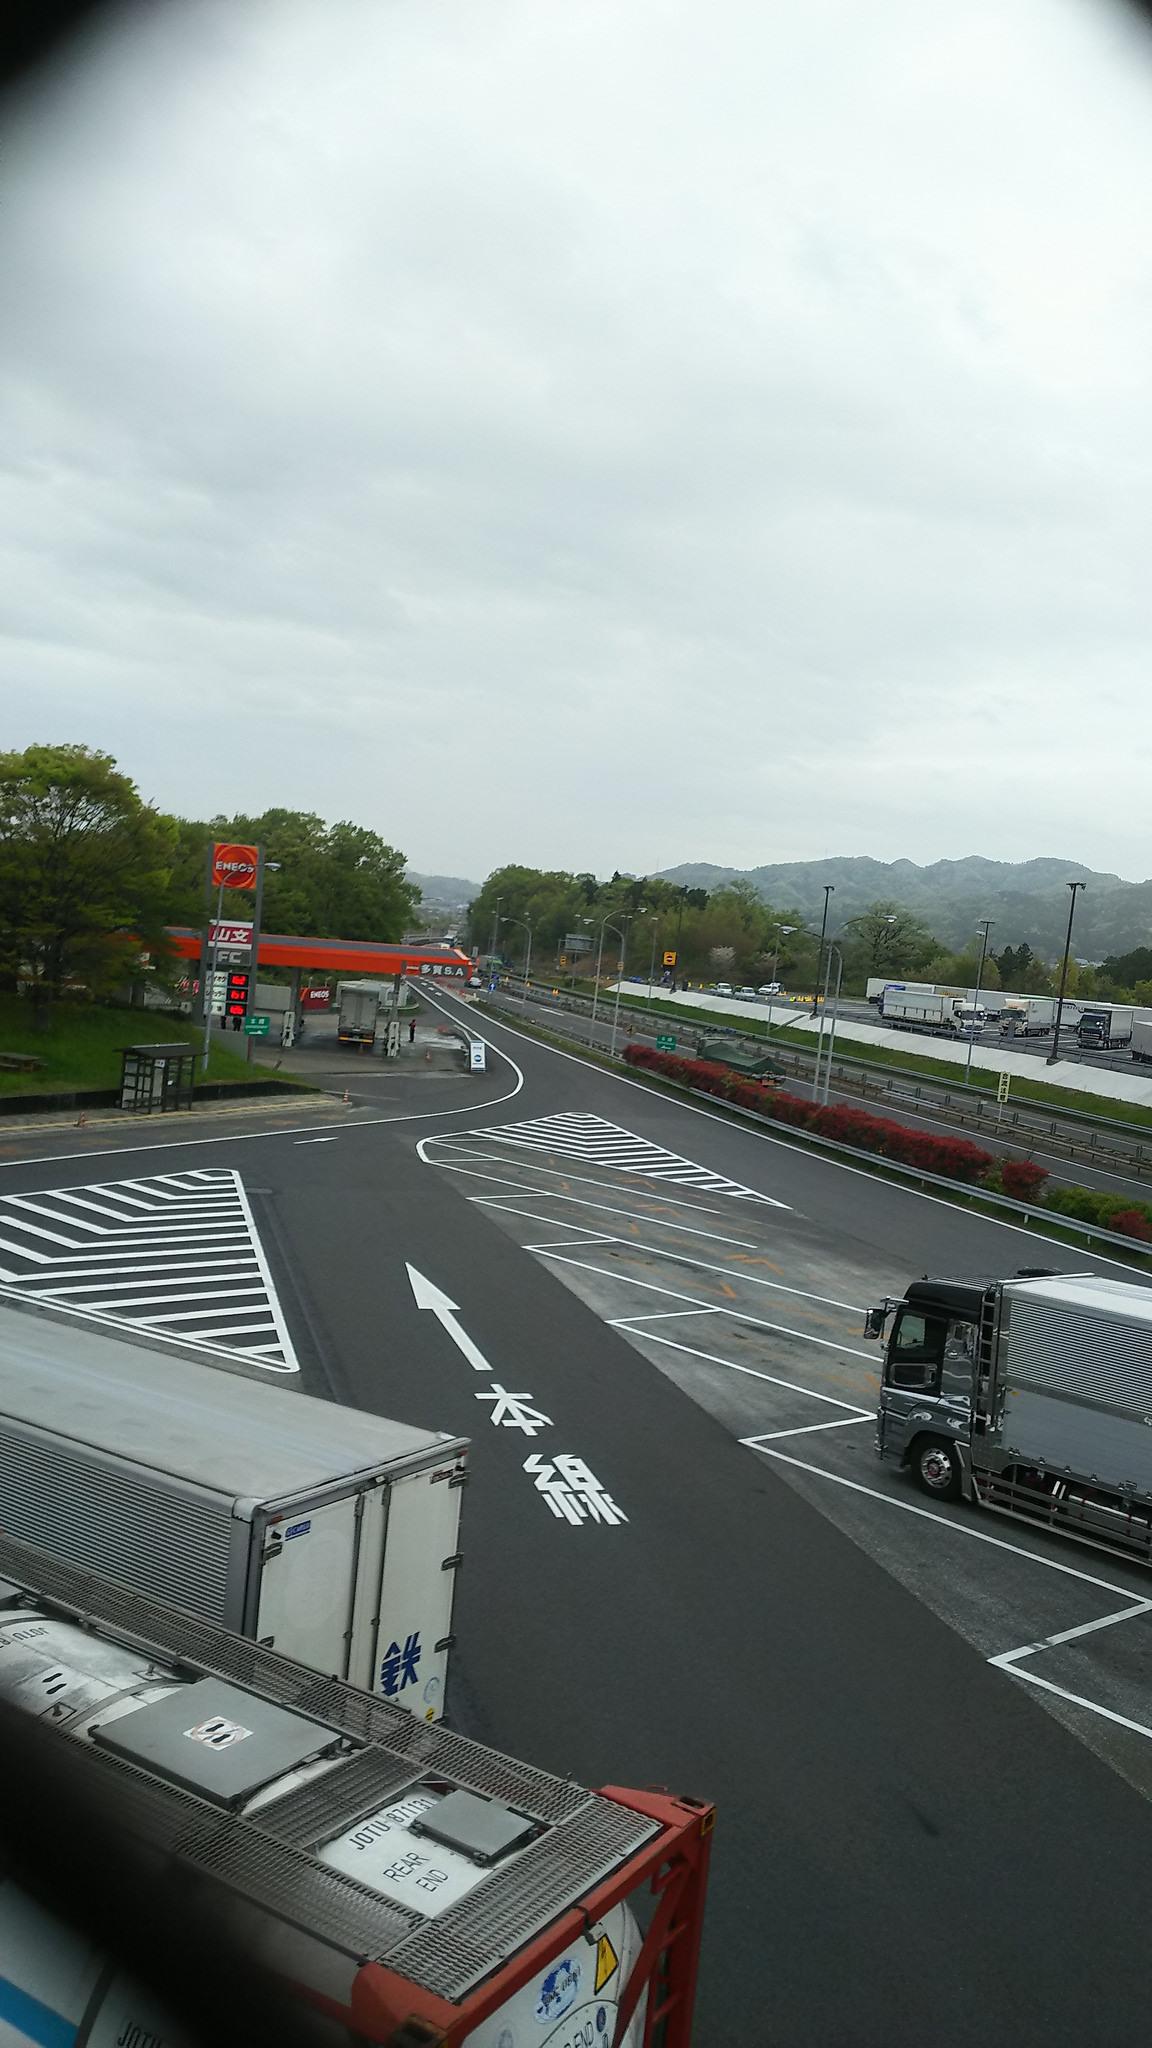 ★多賀SA上り線 ガソリンスタンド エネオス★24H営業 大型トラックの方もOK